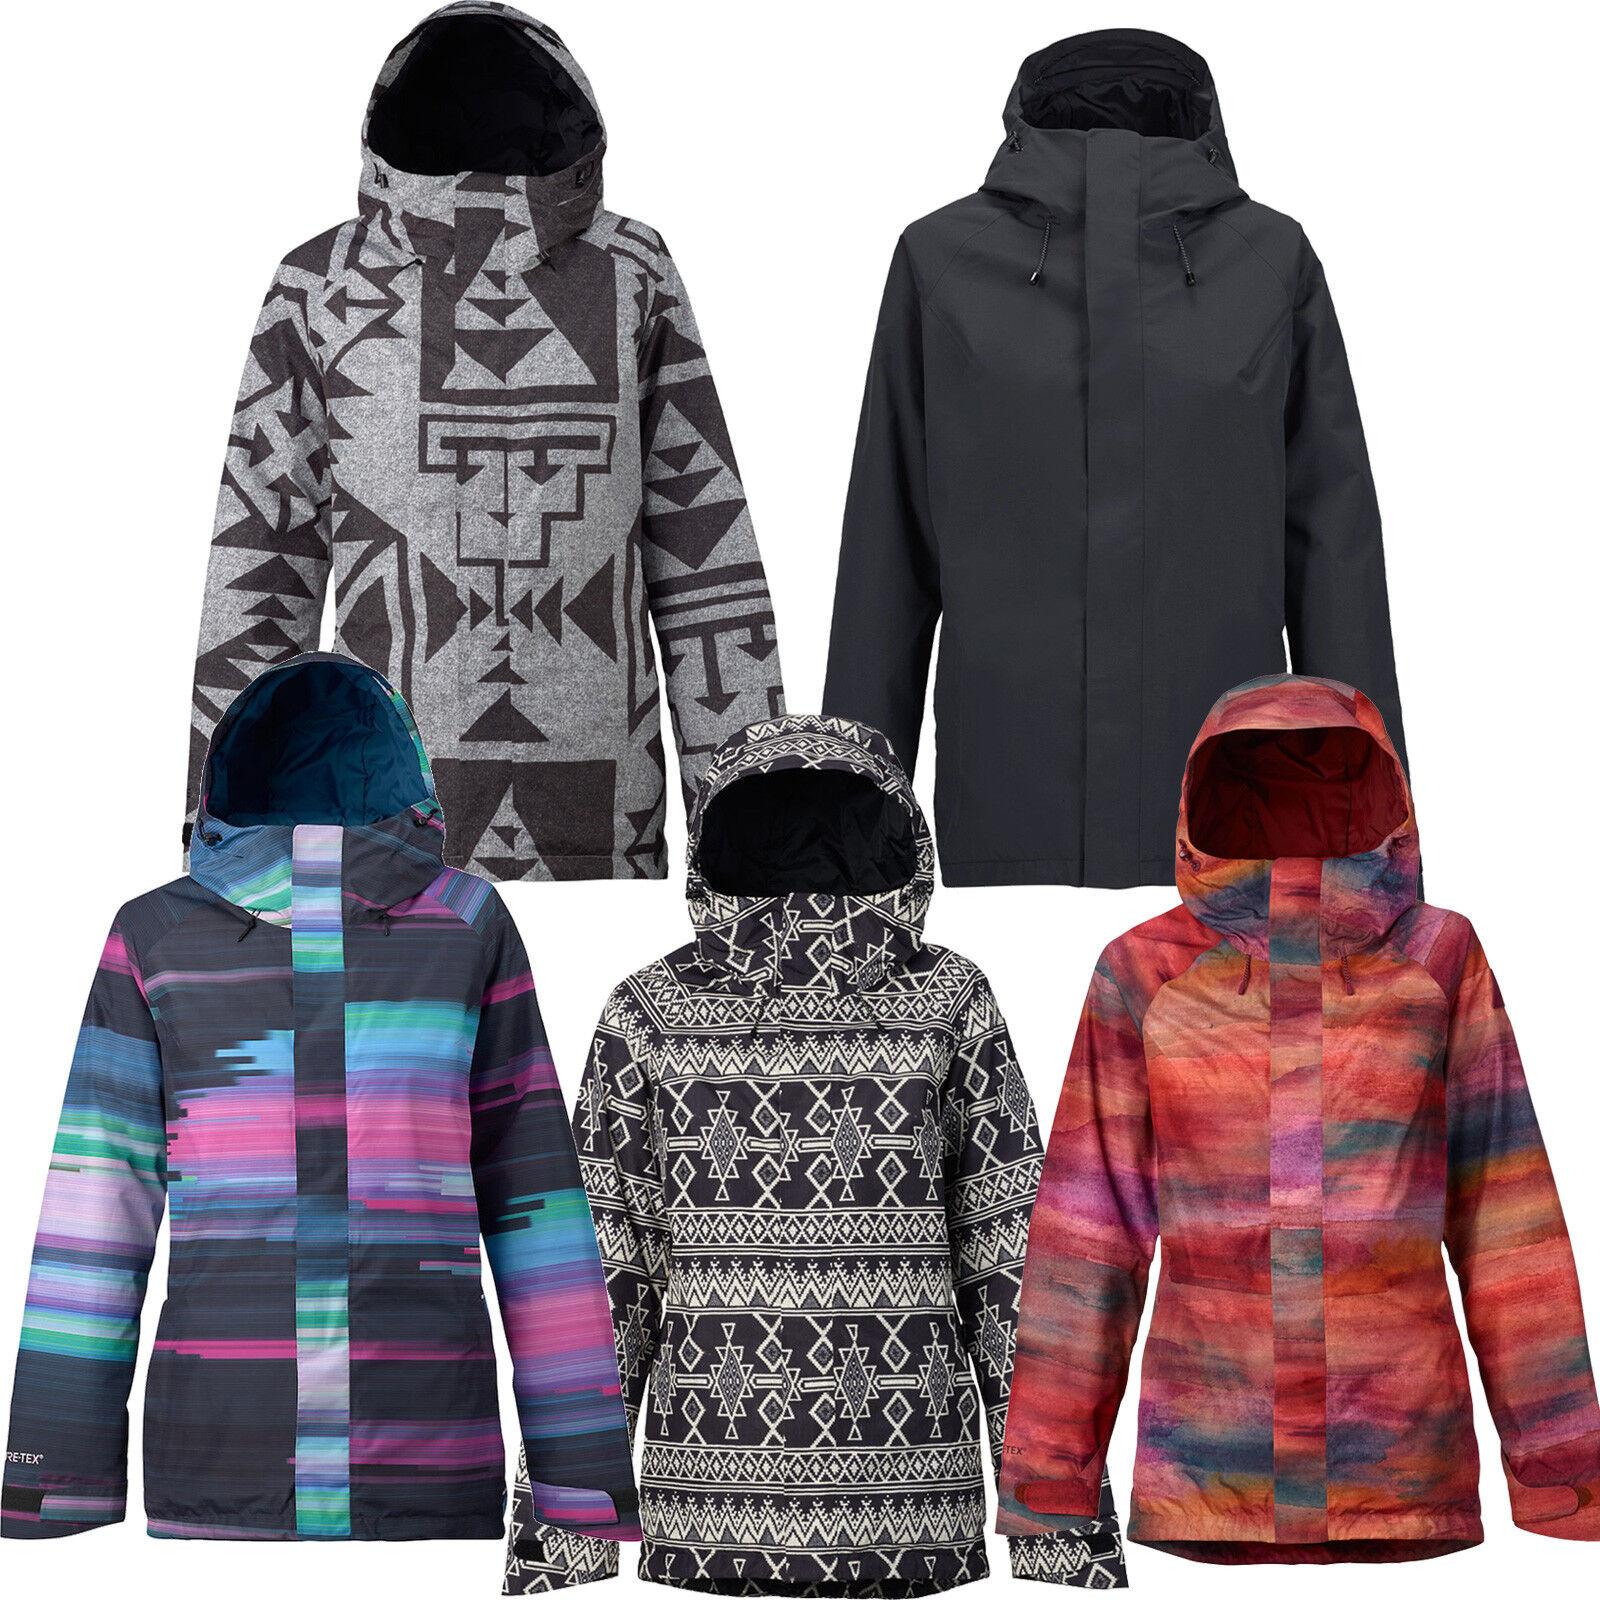 Burton Gore-Tex Rubix Jacket Damen-Snowboardjacke Skijacke Winterjacke GoreTex